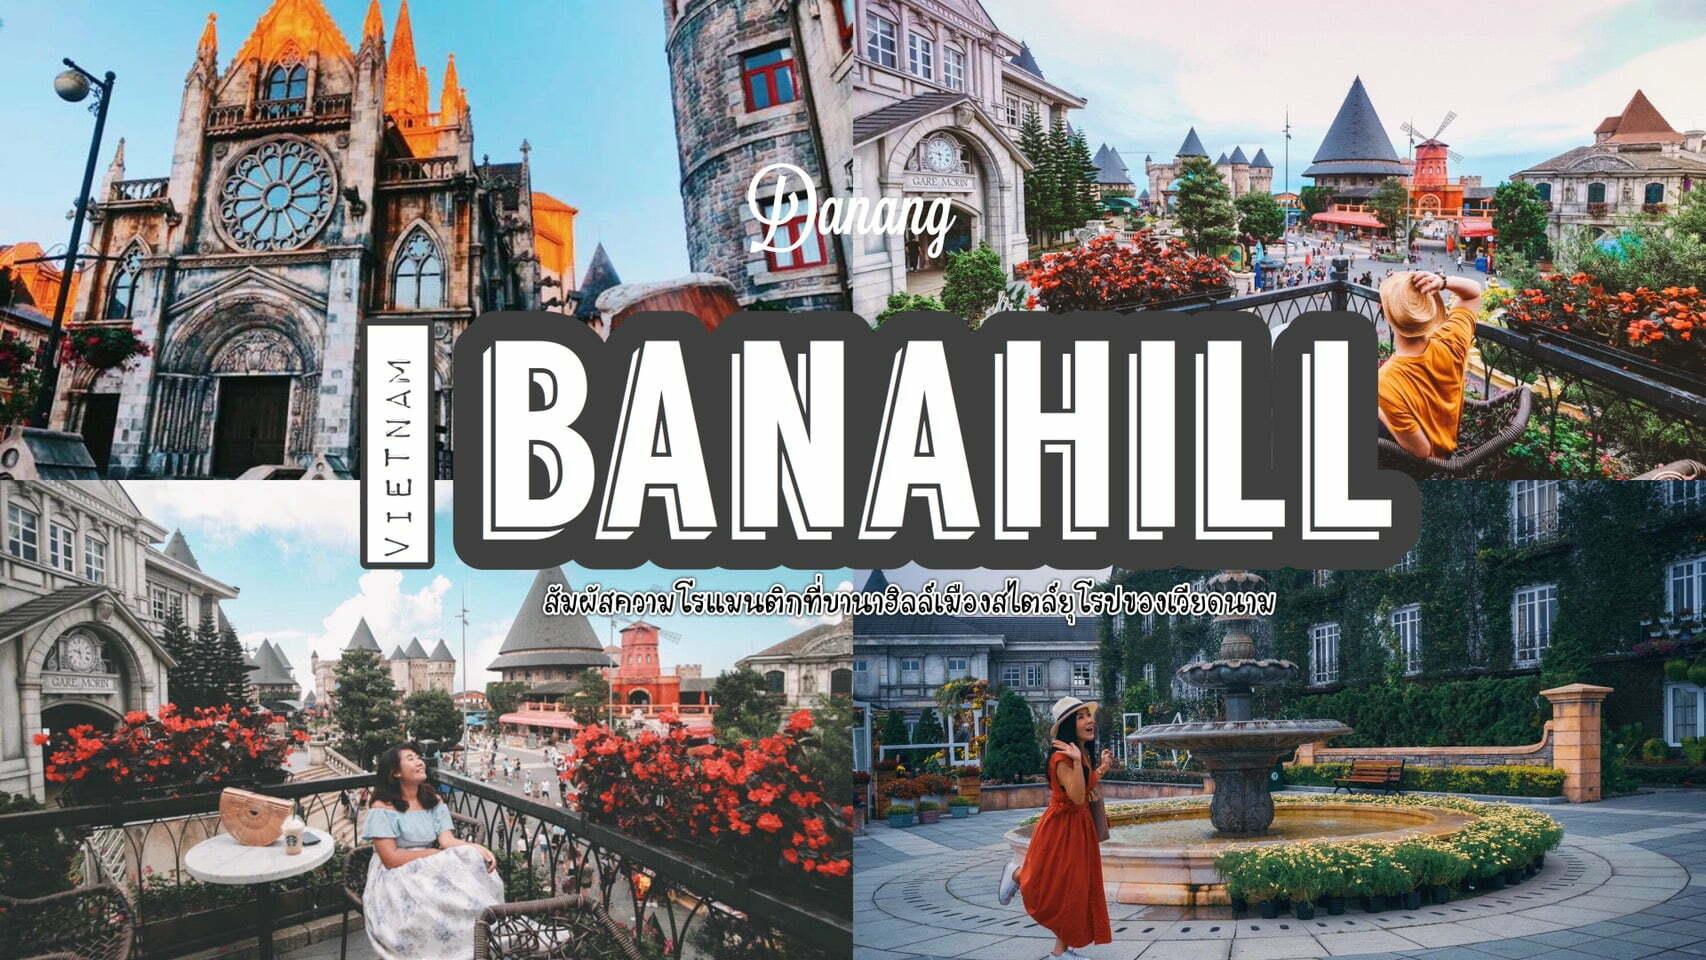 ทัวร์เวียดนาม – สัมผัสความโรแมนติกของฝรั่งเศสโบราณที่ บาน่าฮิลล์เมืองสไตล์ยุโรปของเวียดนาม